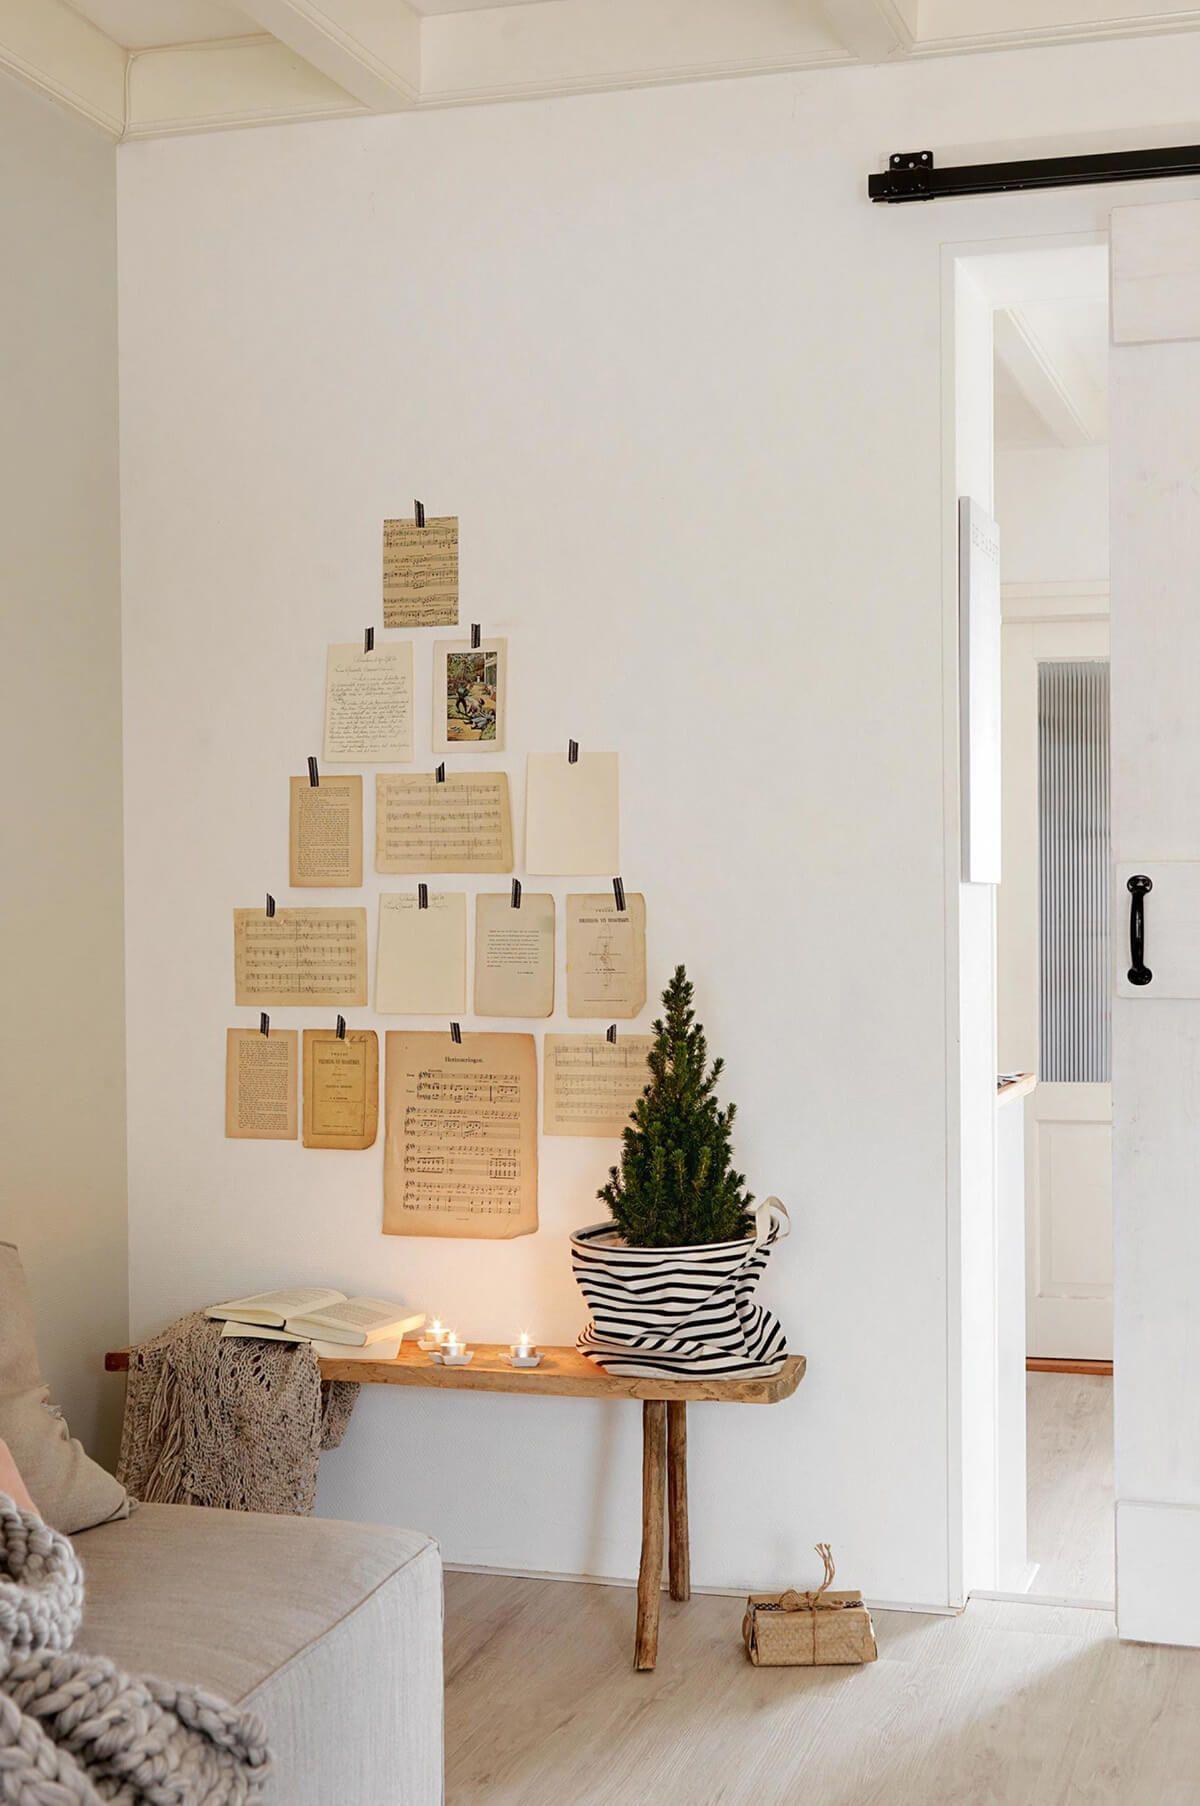 10 preciosas decoraciones r sticas y muy naturales para decorar tu hogar estas navidades yo - Pinterest decoracion hogar ...